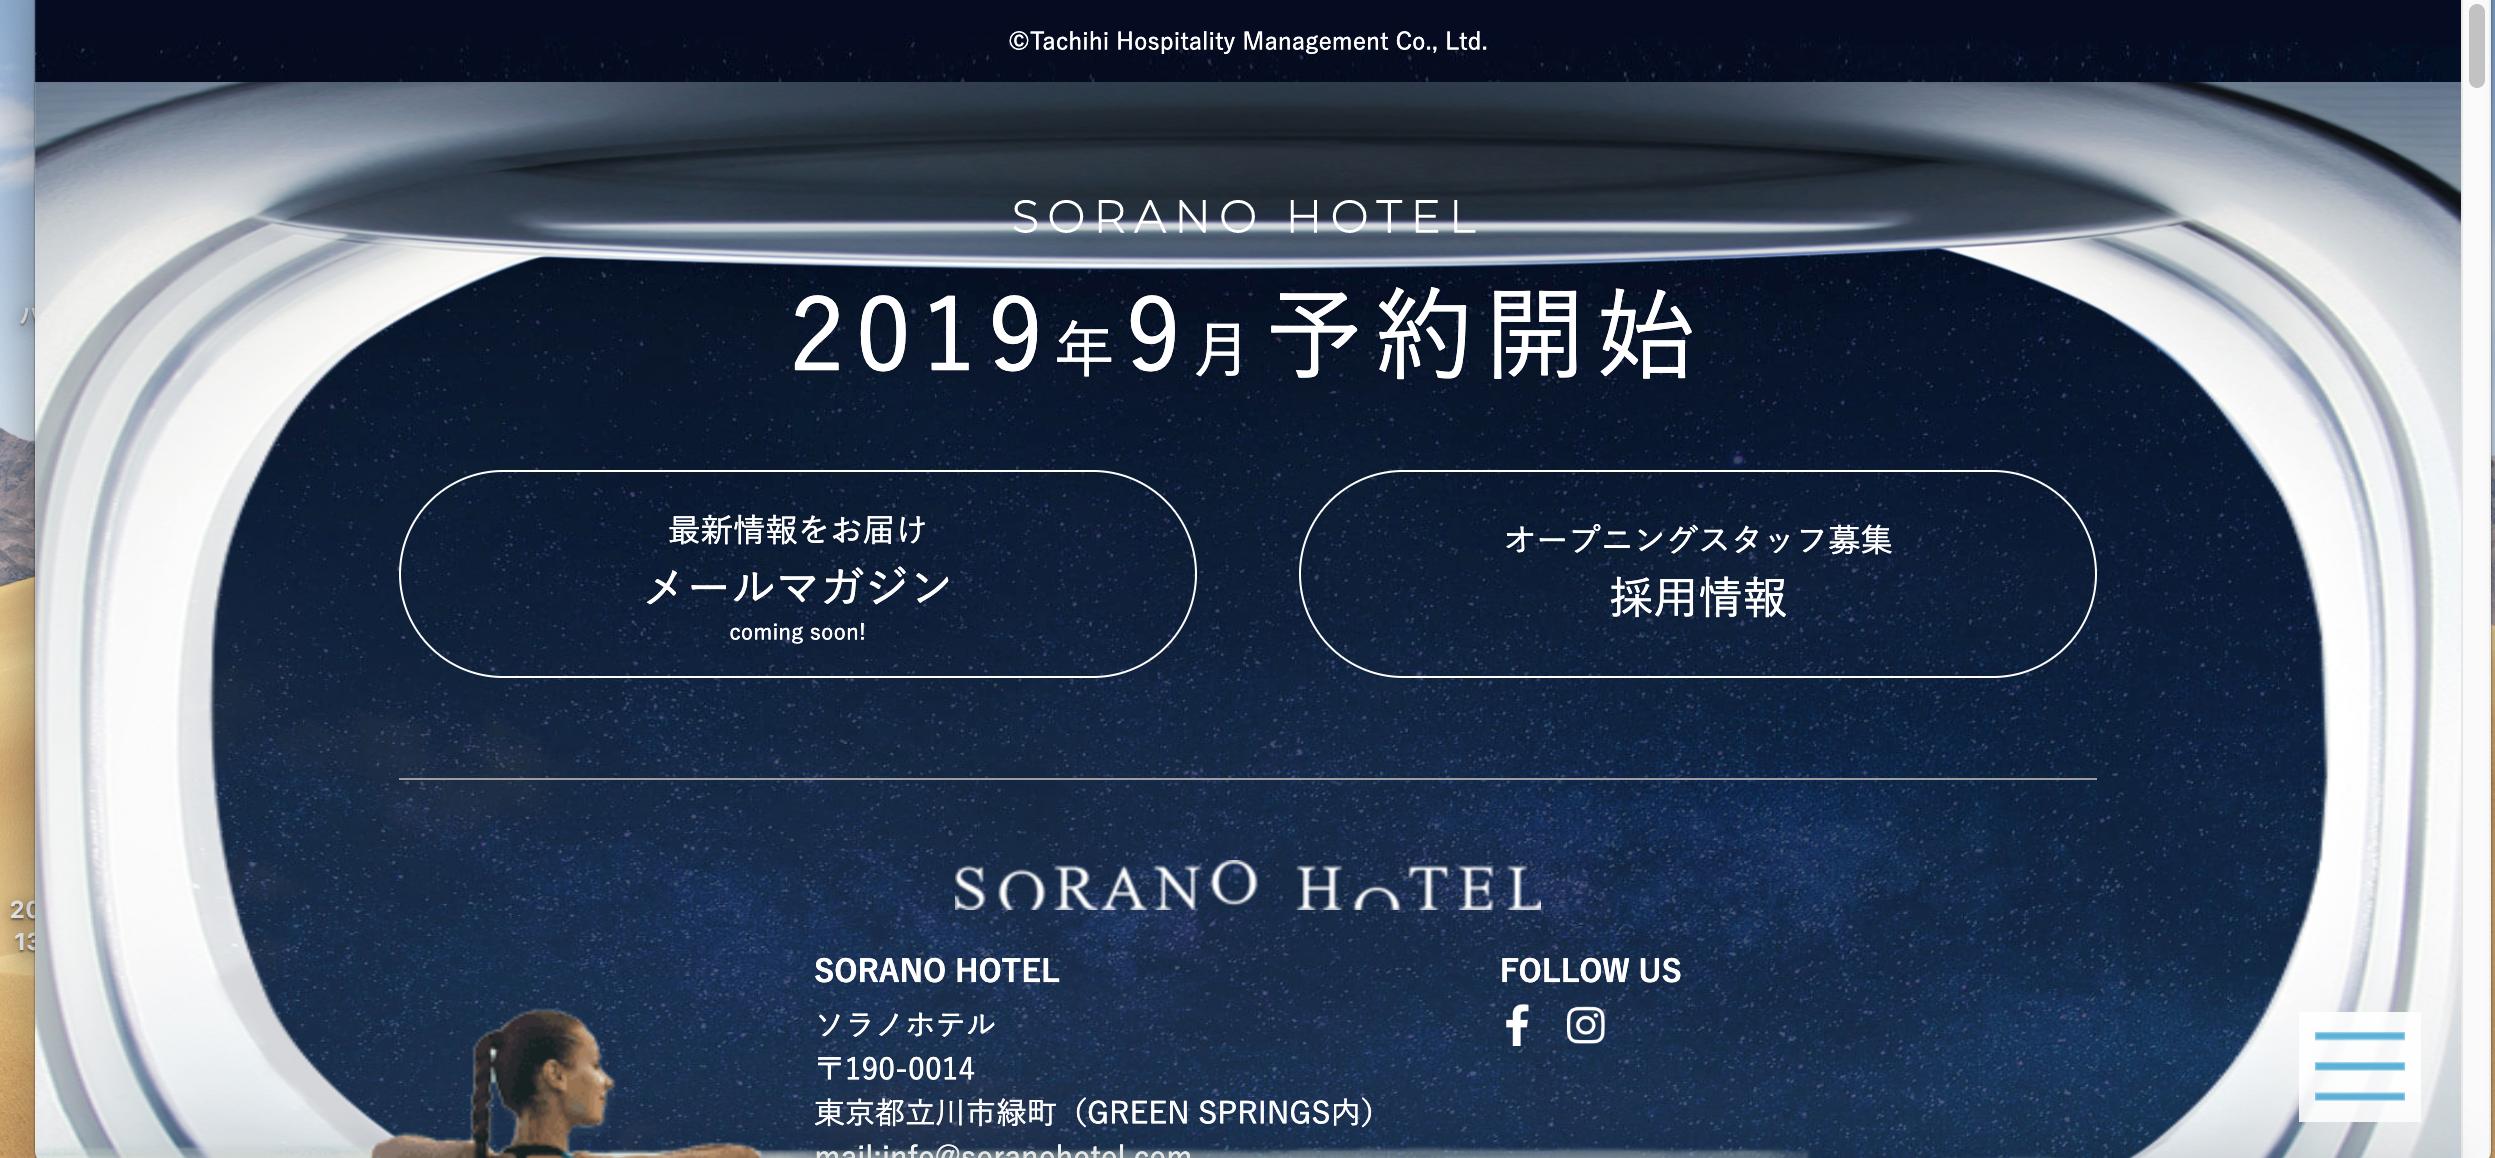 ソラノホテル公式サイト